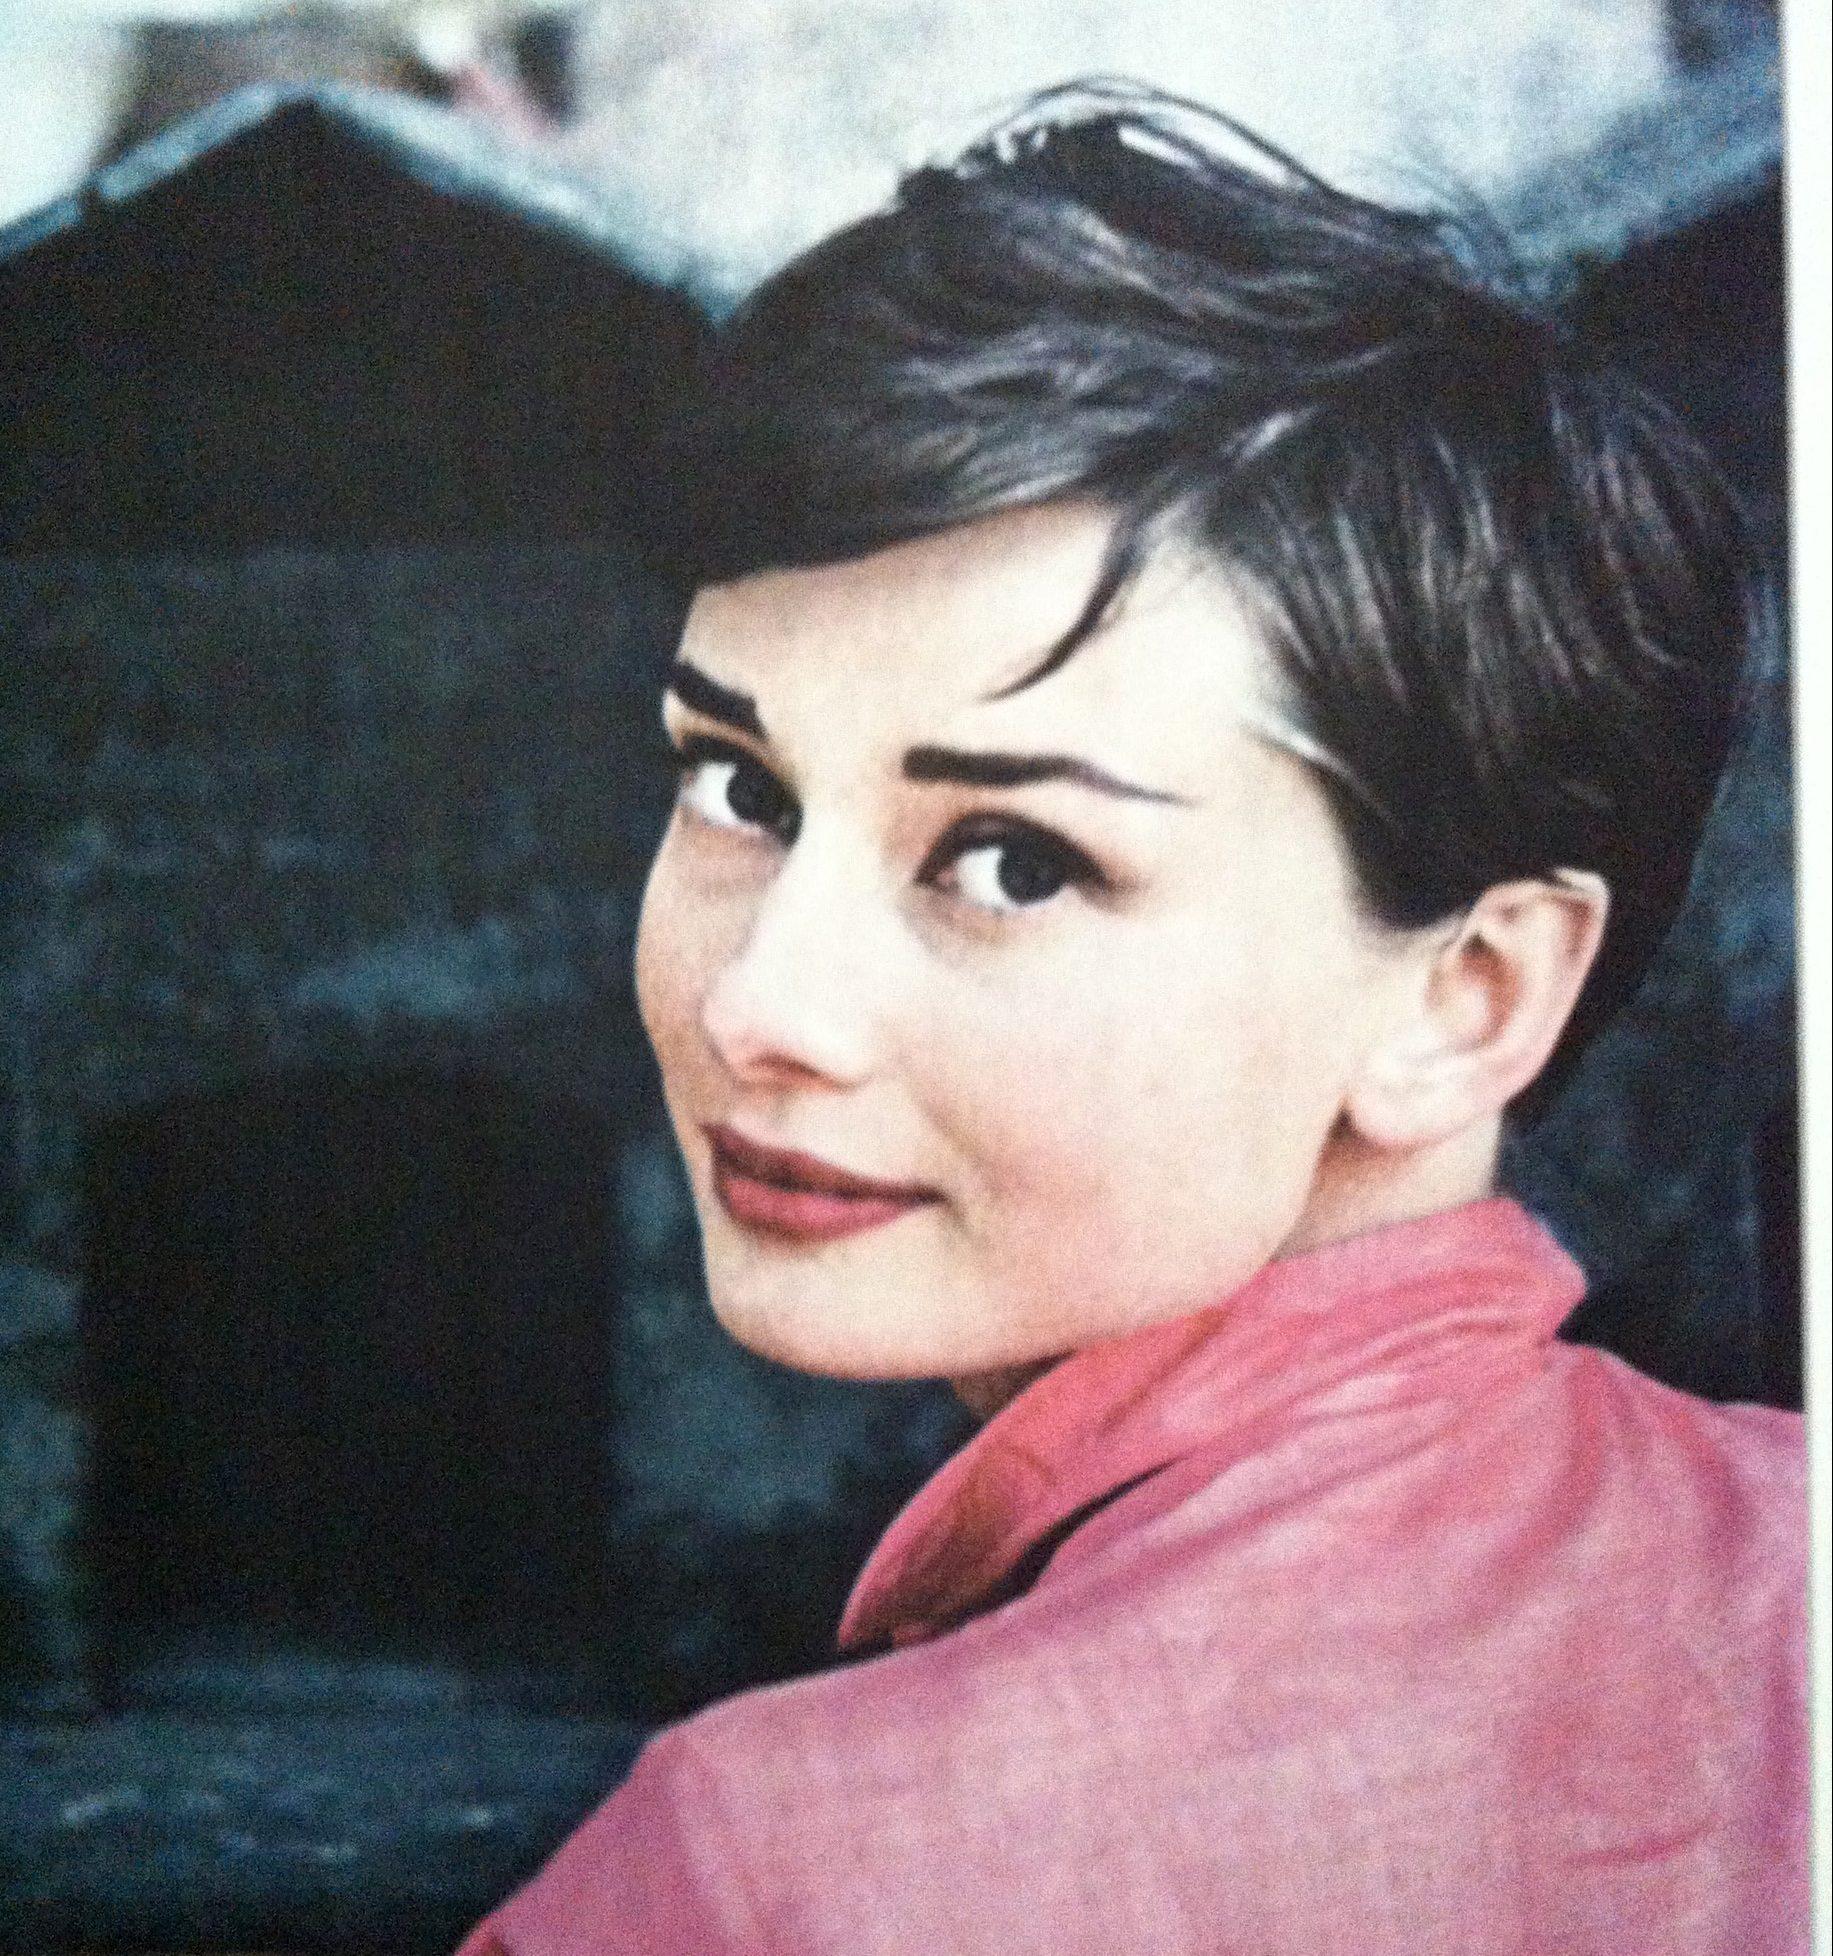 Slimme kledingkeuzes van Audrey Hepburn